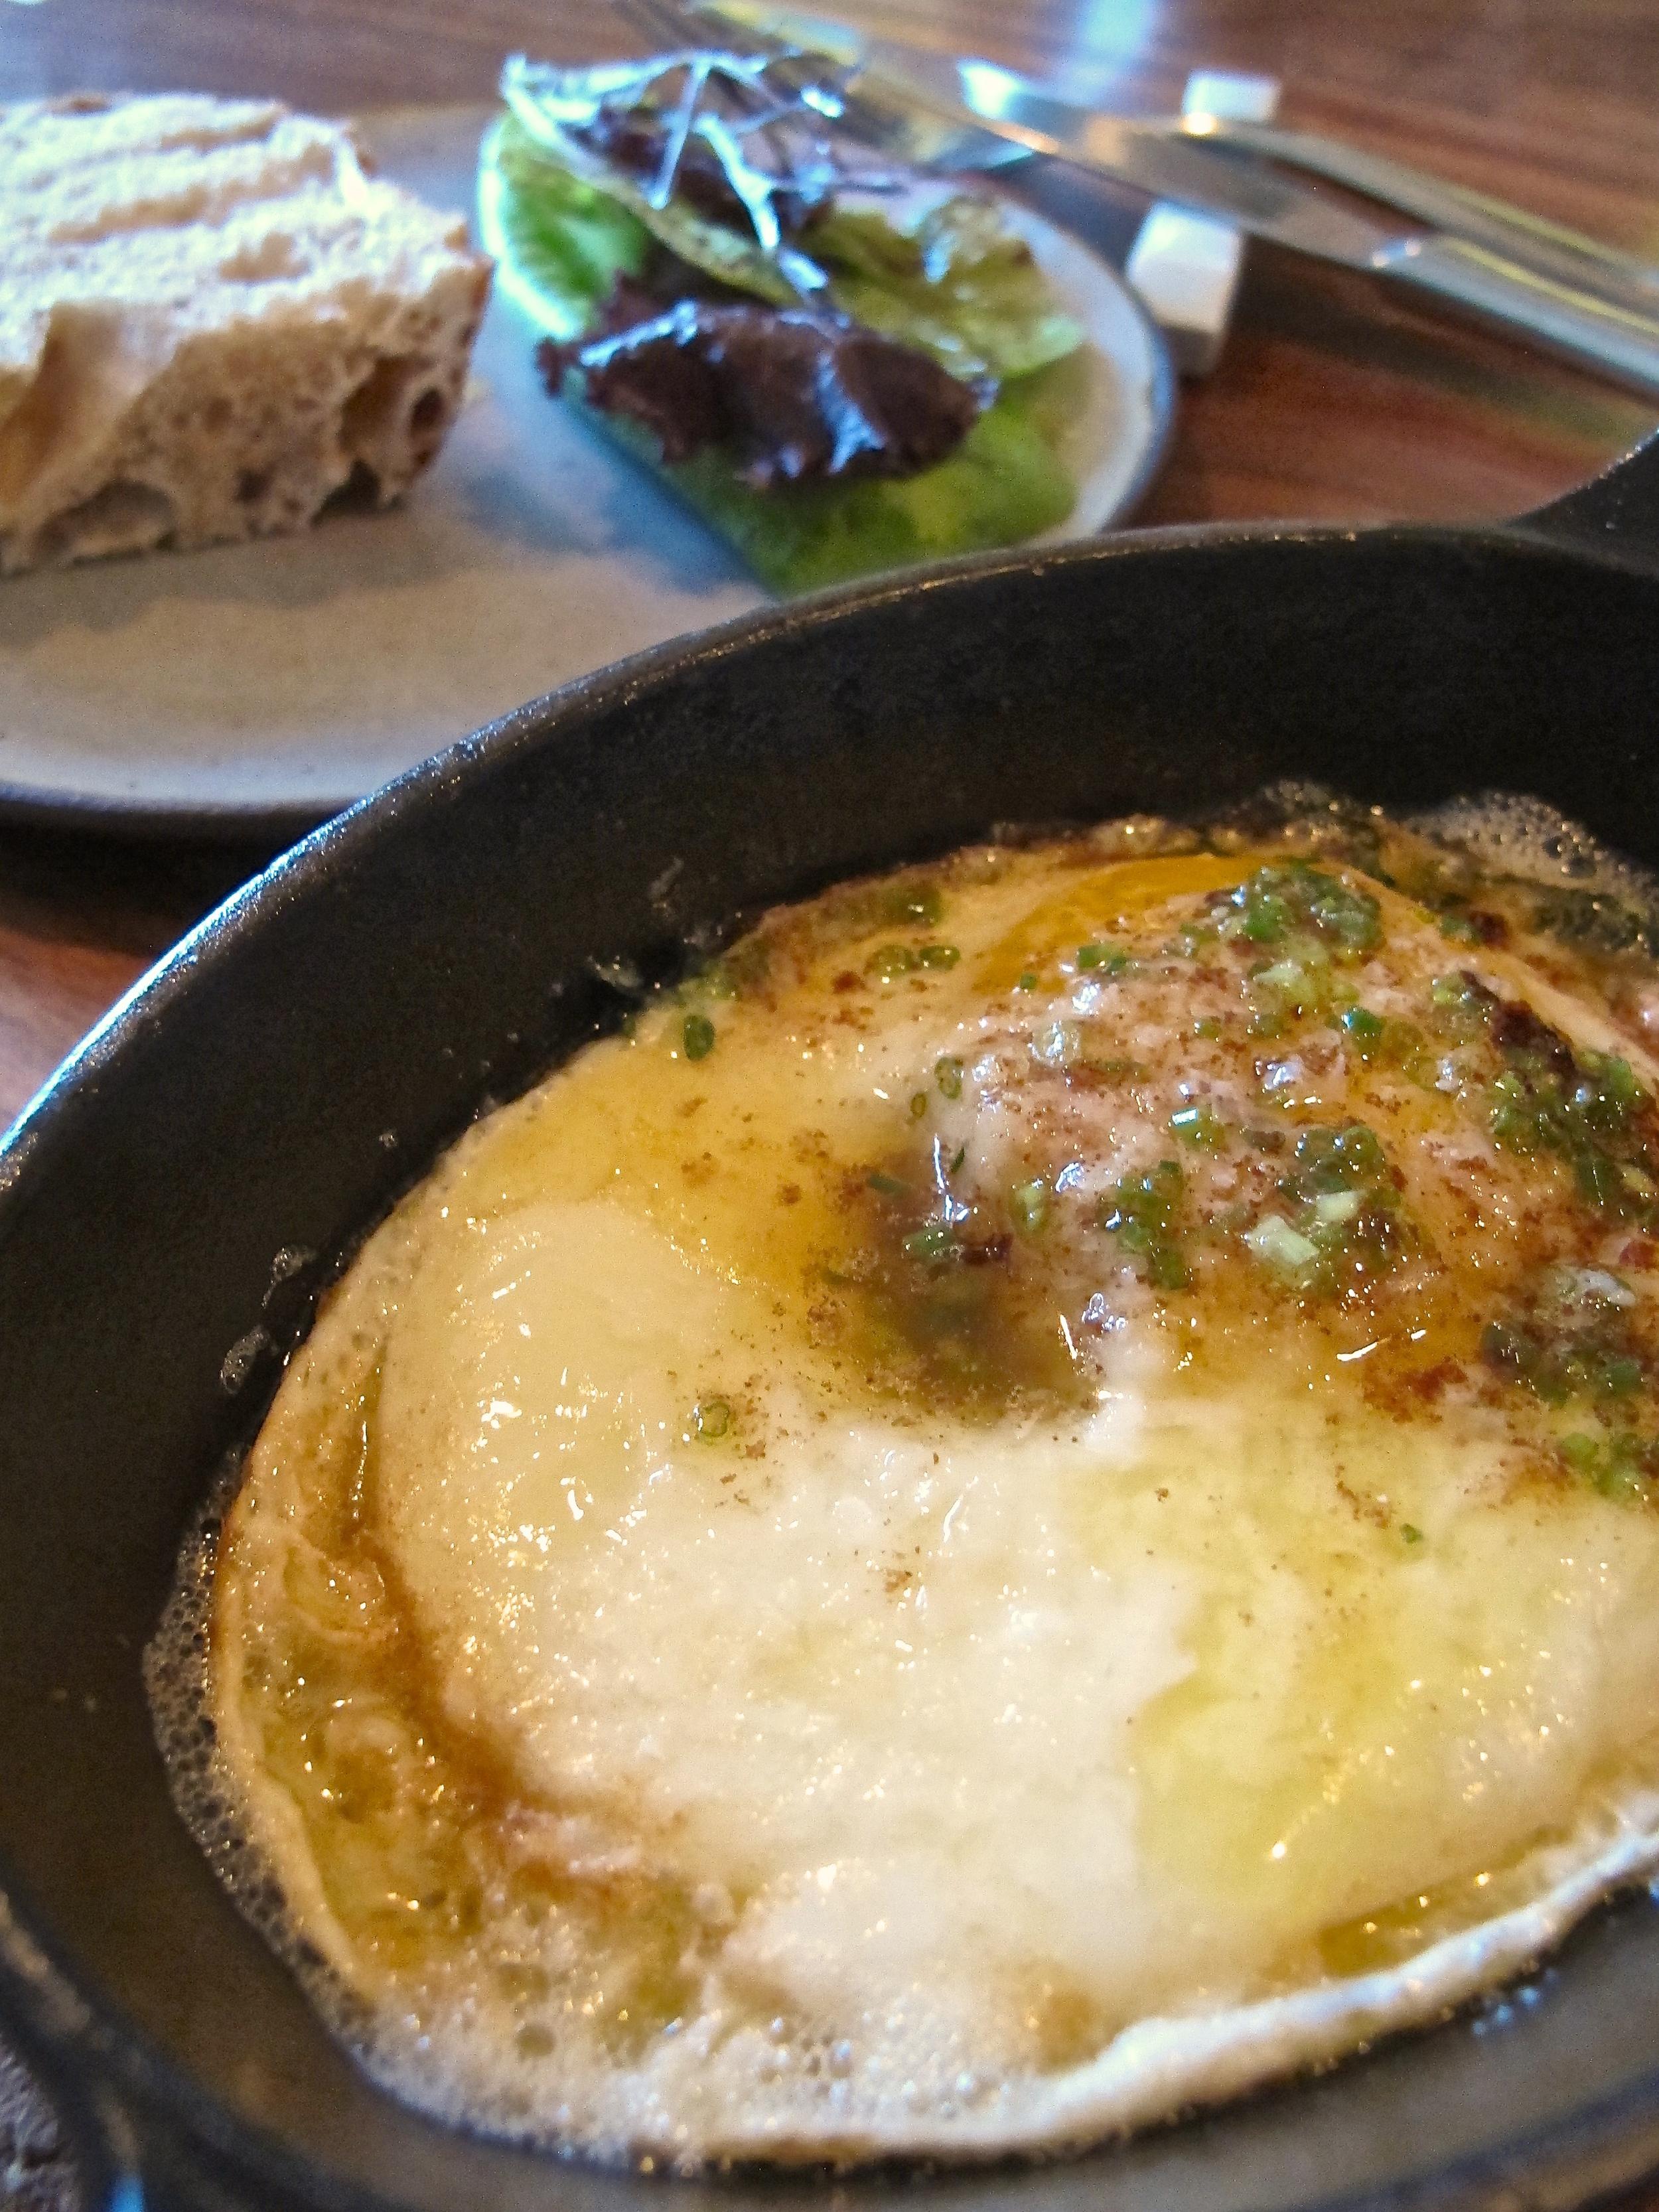 Gary Menes' Le Comptoir egg in brown butter